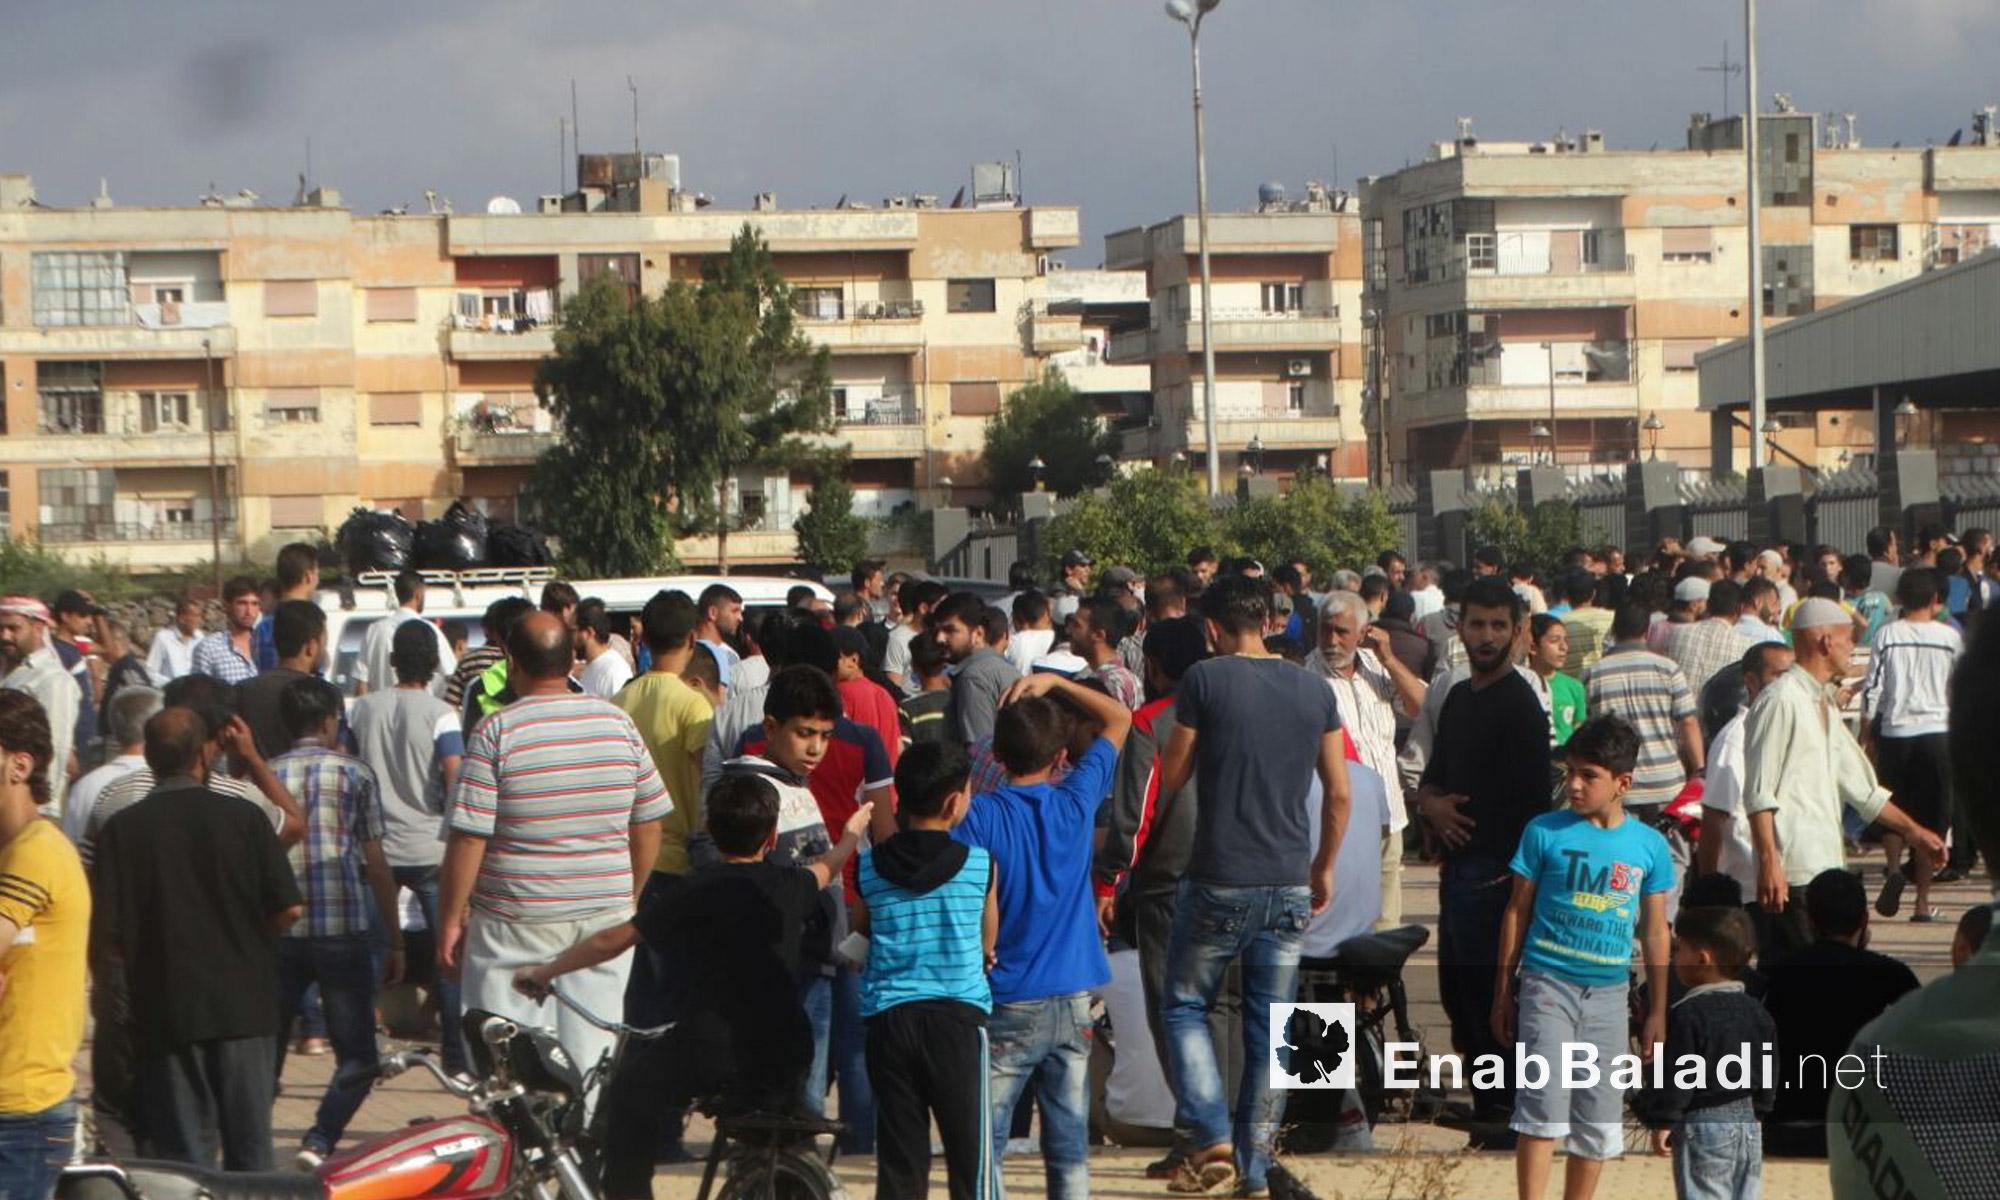 أطفال وعائلات الوعر ينتظرون الخروج إلى ريف حمص الشمالي - الخميس 23 أيلول (عنب بلدي)أطفال وعائلات الوعر ينتظرون الخروج إلى ريف حمص الشمالي - الخميس 23 أيلول (عنب بلدي)